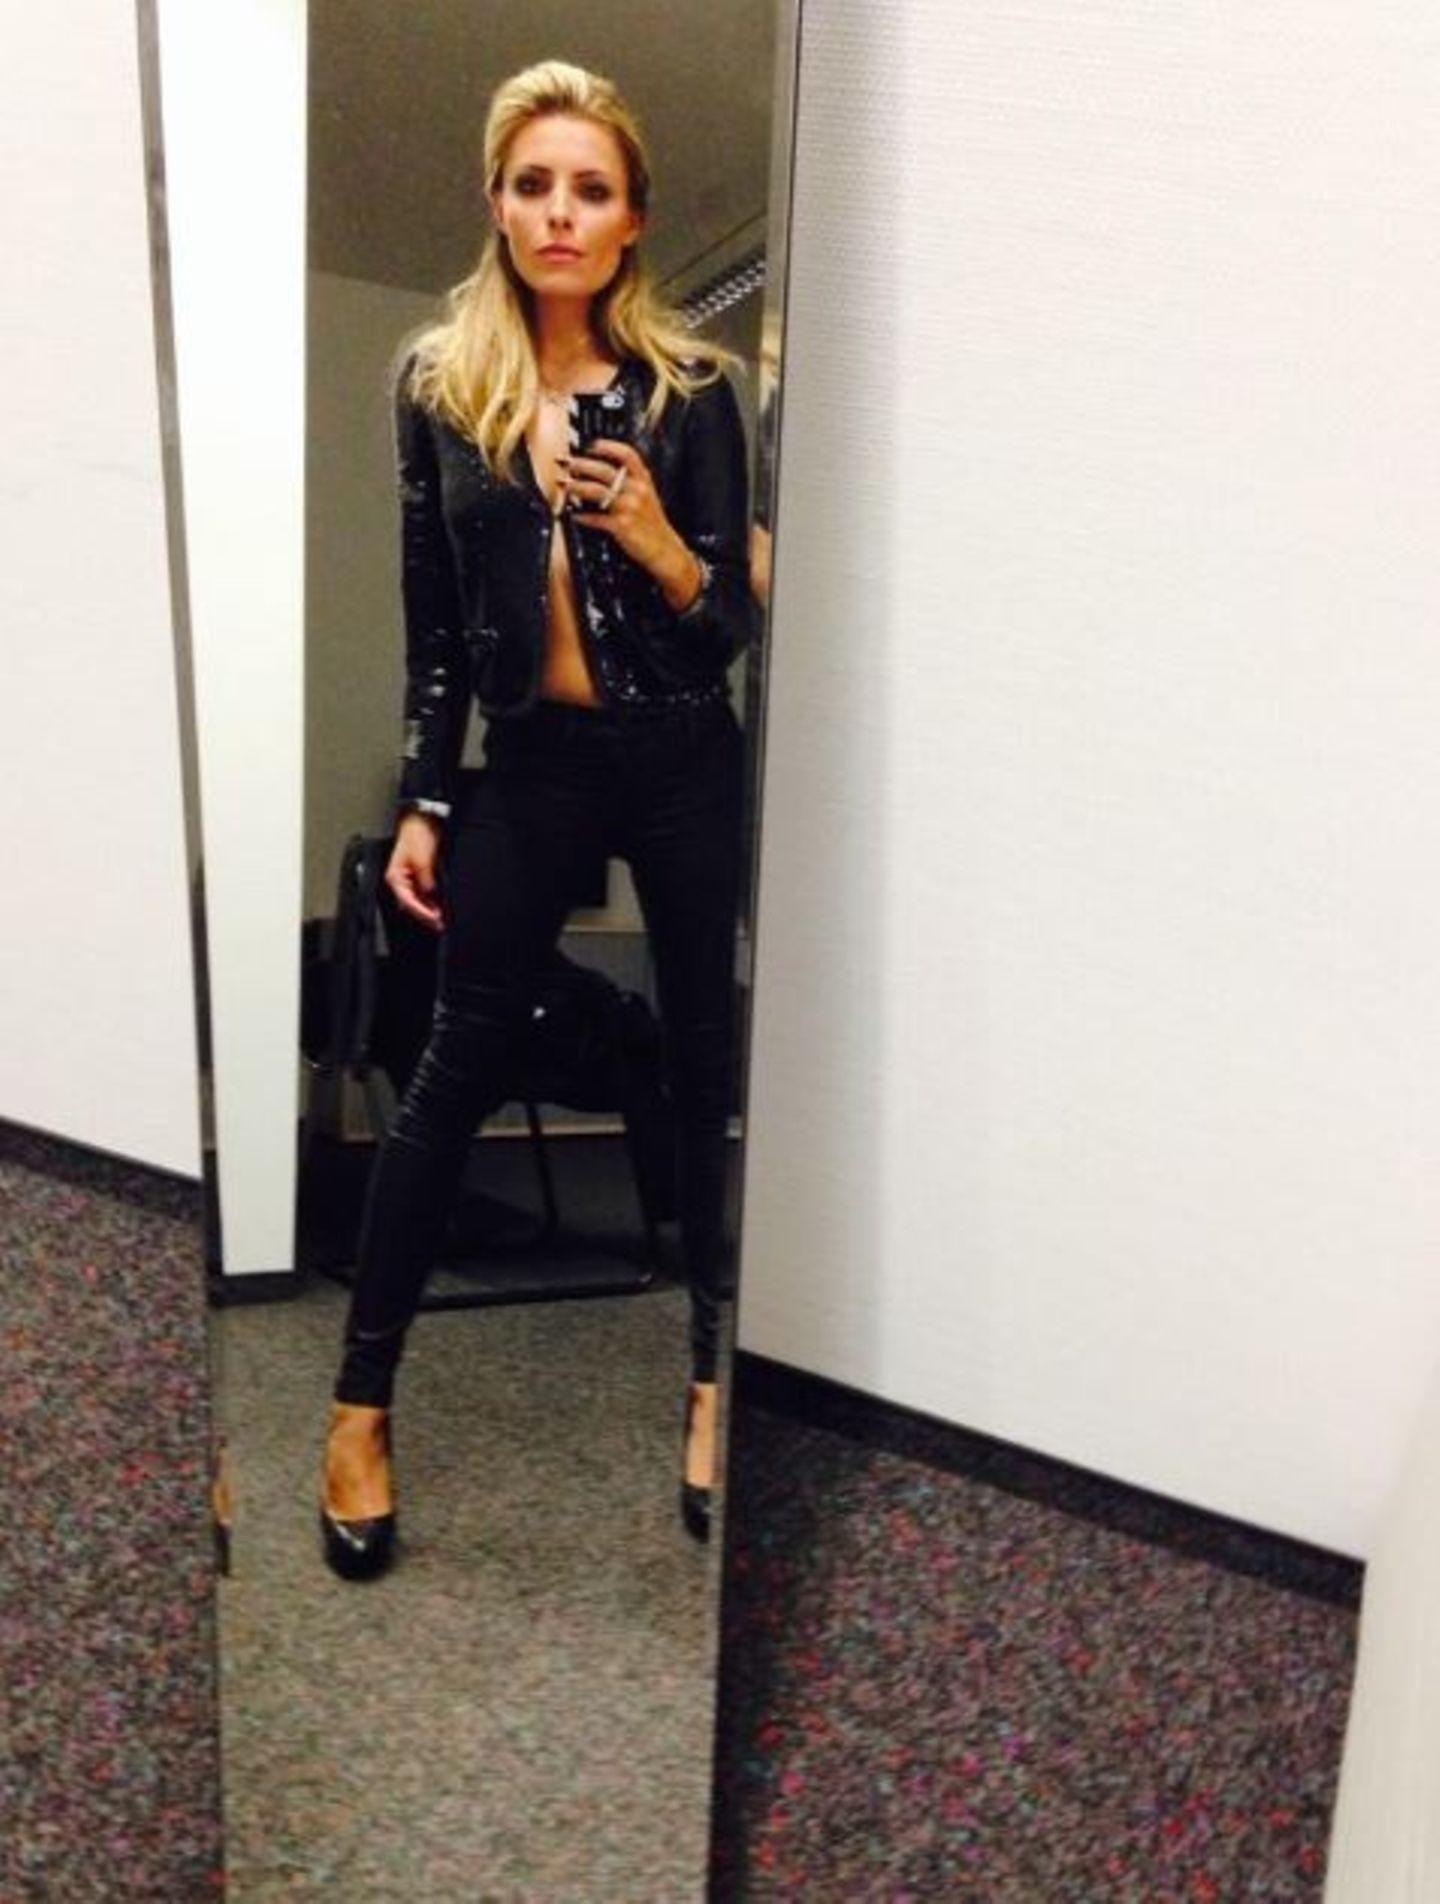 Oktober 2013  Sophia Thomalla zeigt sich auf ihren Twitterprofil ganz in Schwarz.